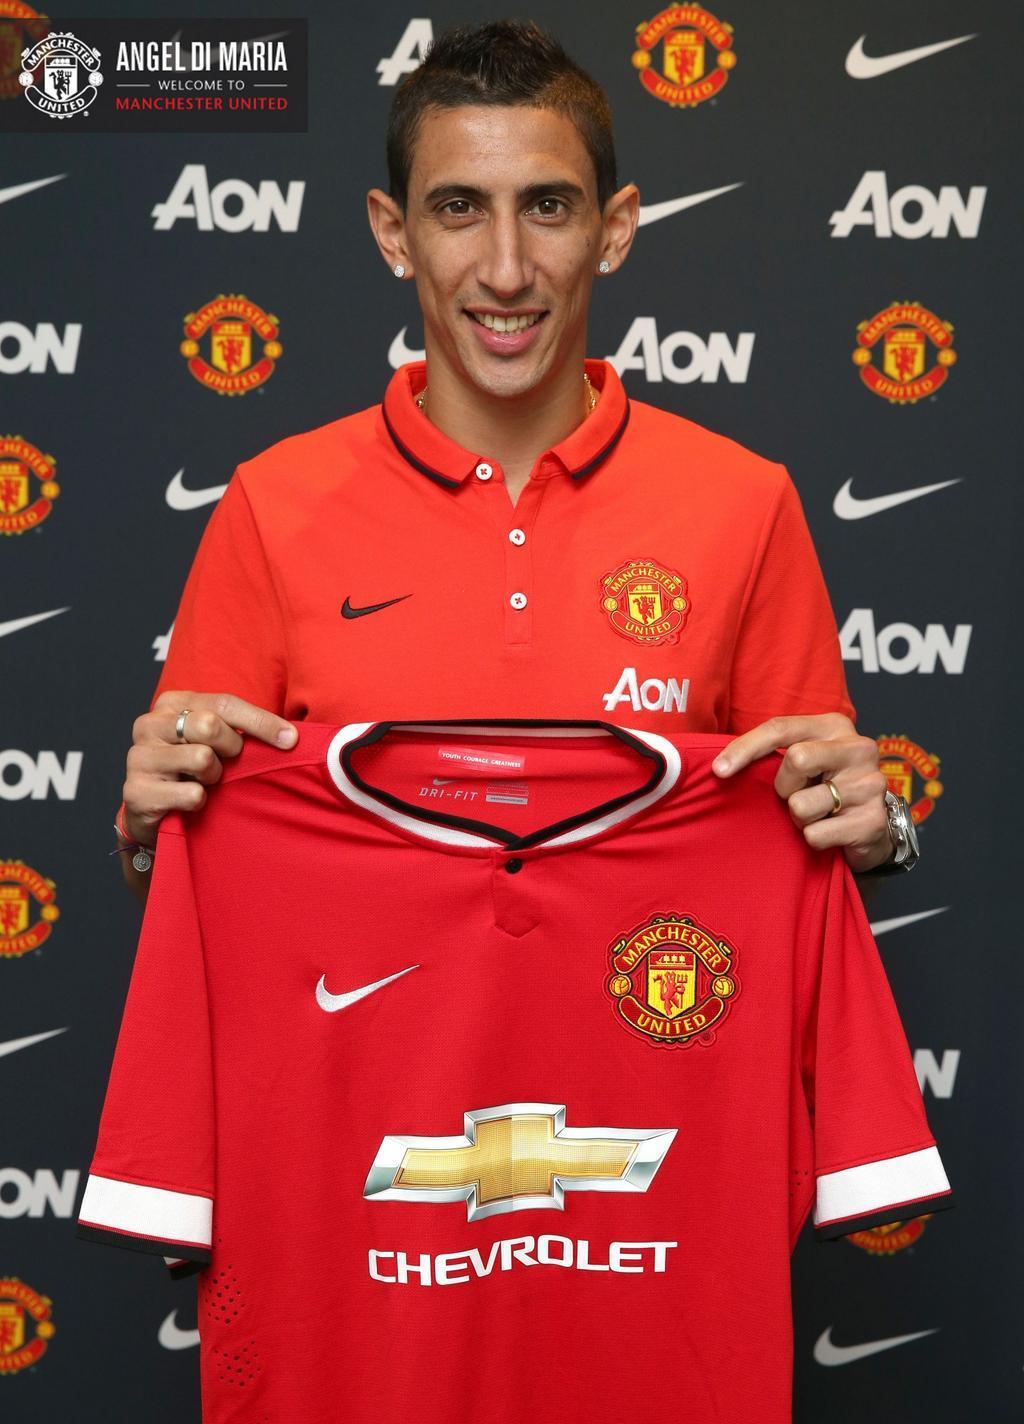 OFICIAL: Di María, nuevo jugador del Manchester United por 84 millones de euros http://t.co/TrbwLX8Pre